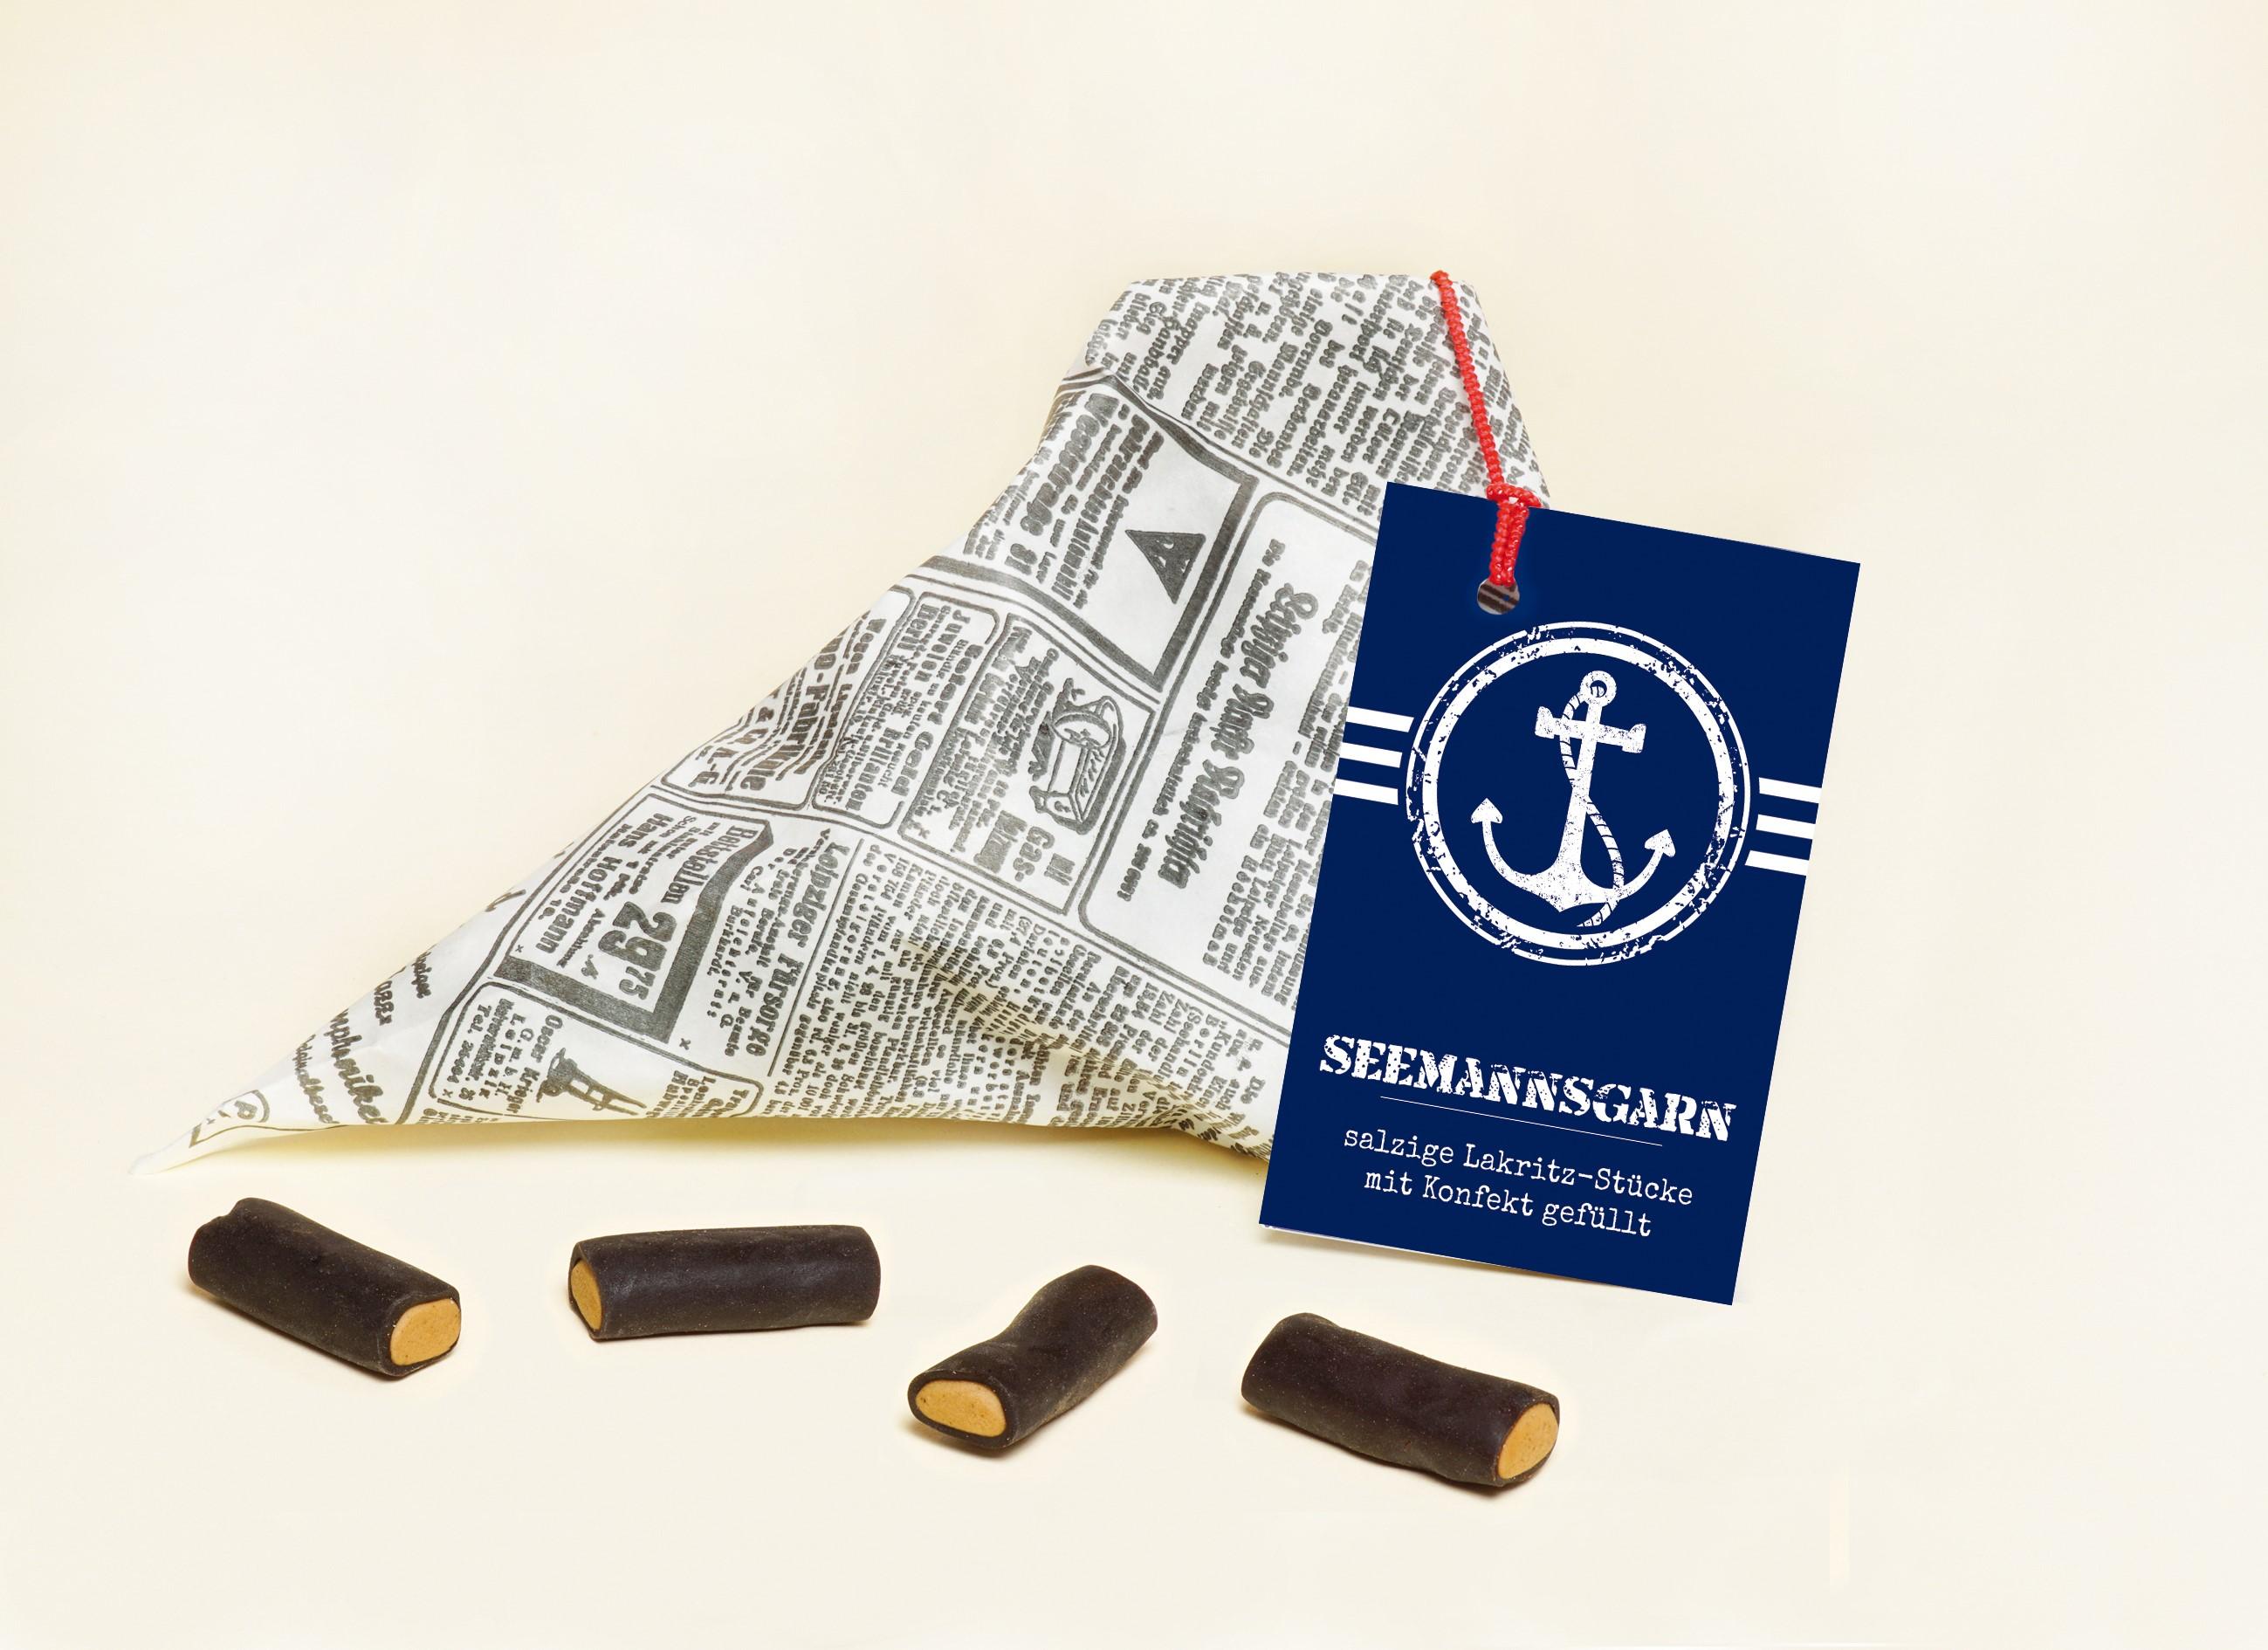 Seemannsgarn salzige Lakritz-Stücke mit Konfekt gefüllt